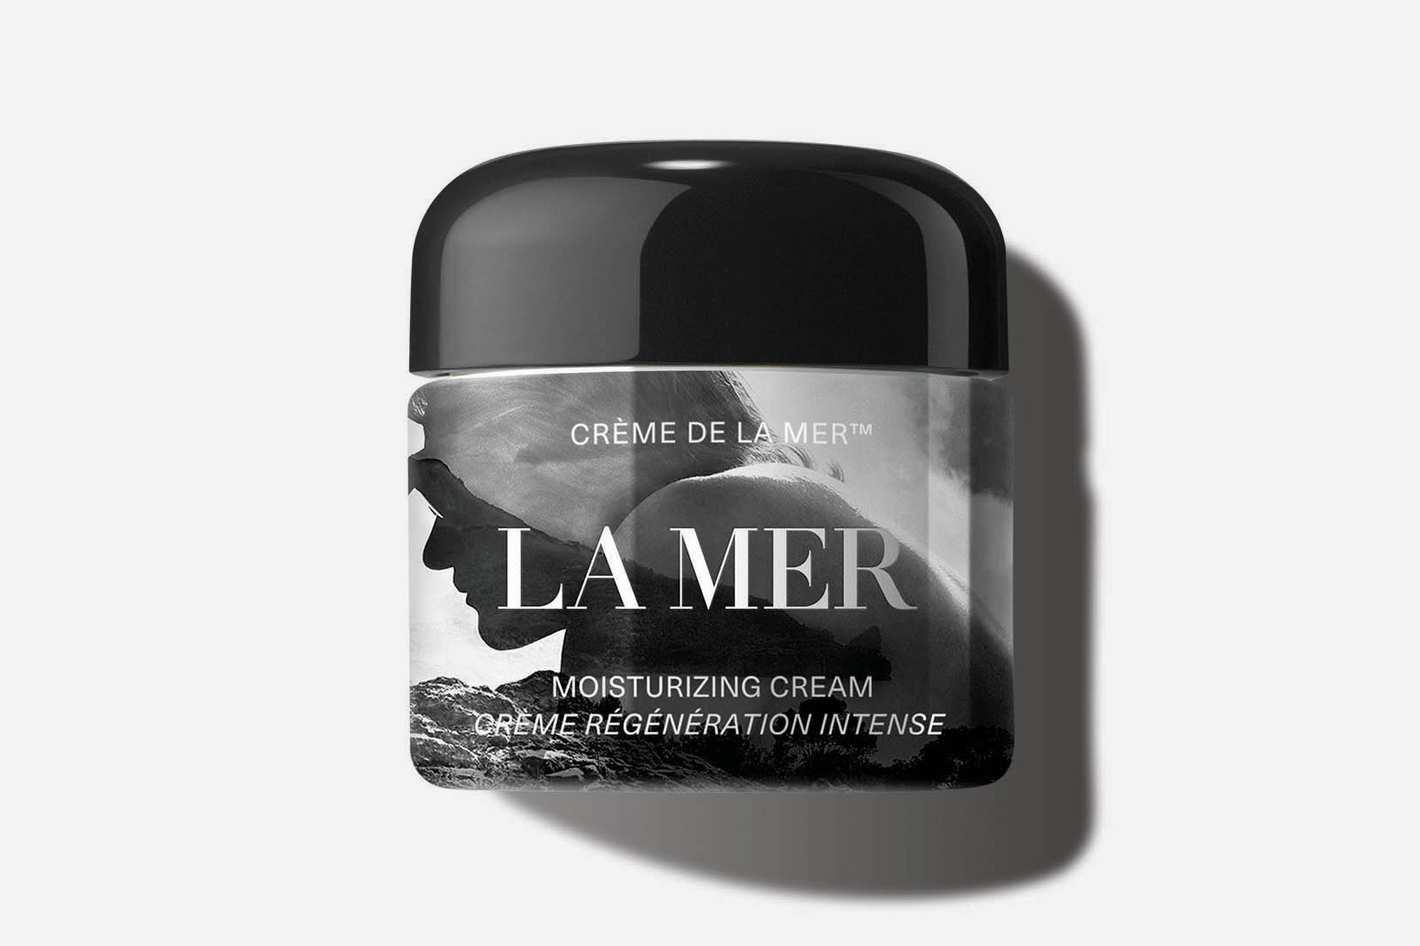 Crème de la Mer x Gray Sorrenti Moisturizing Cream